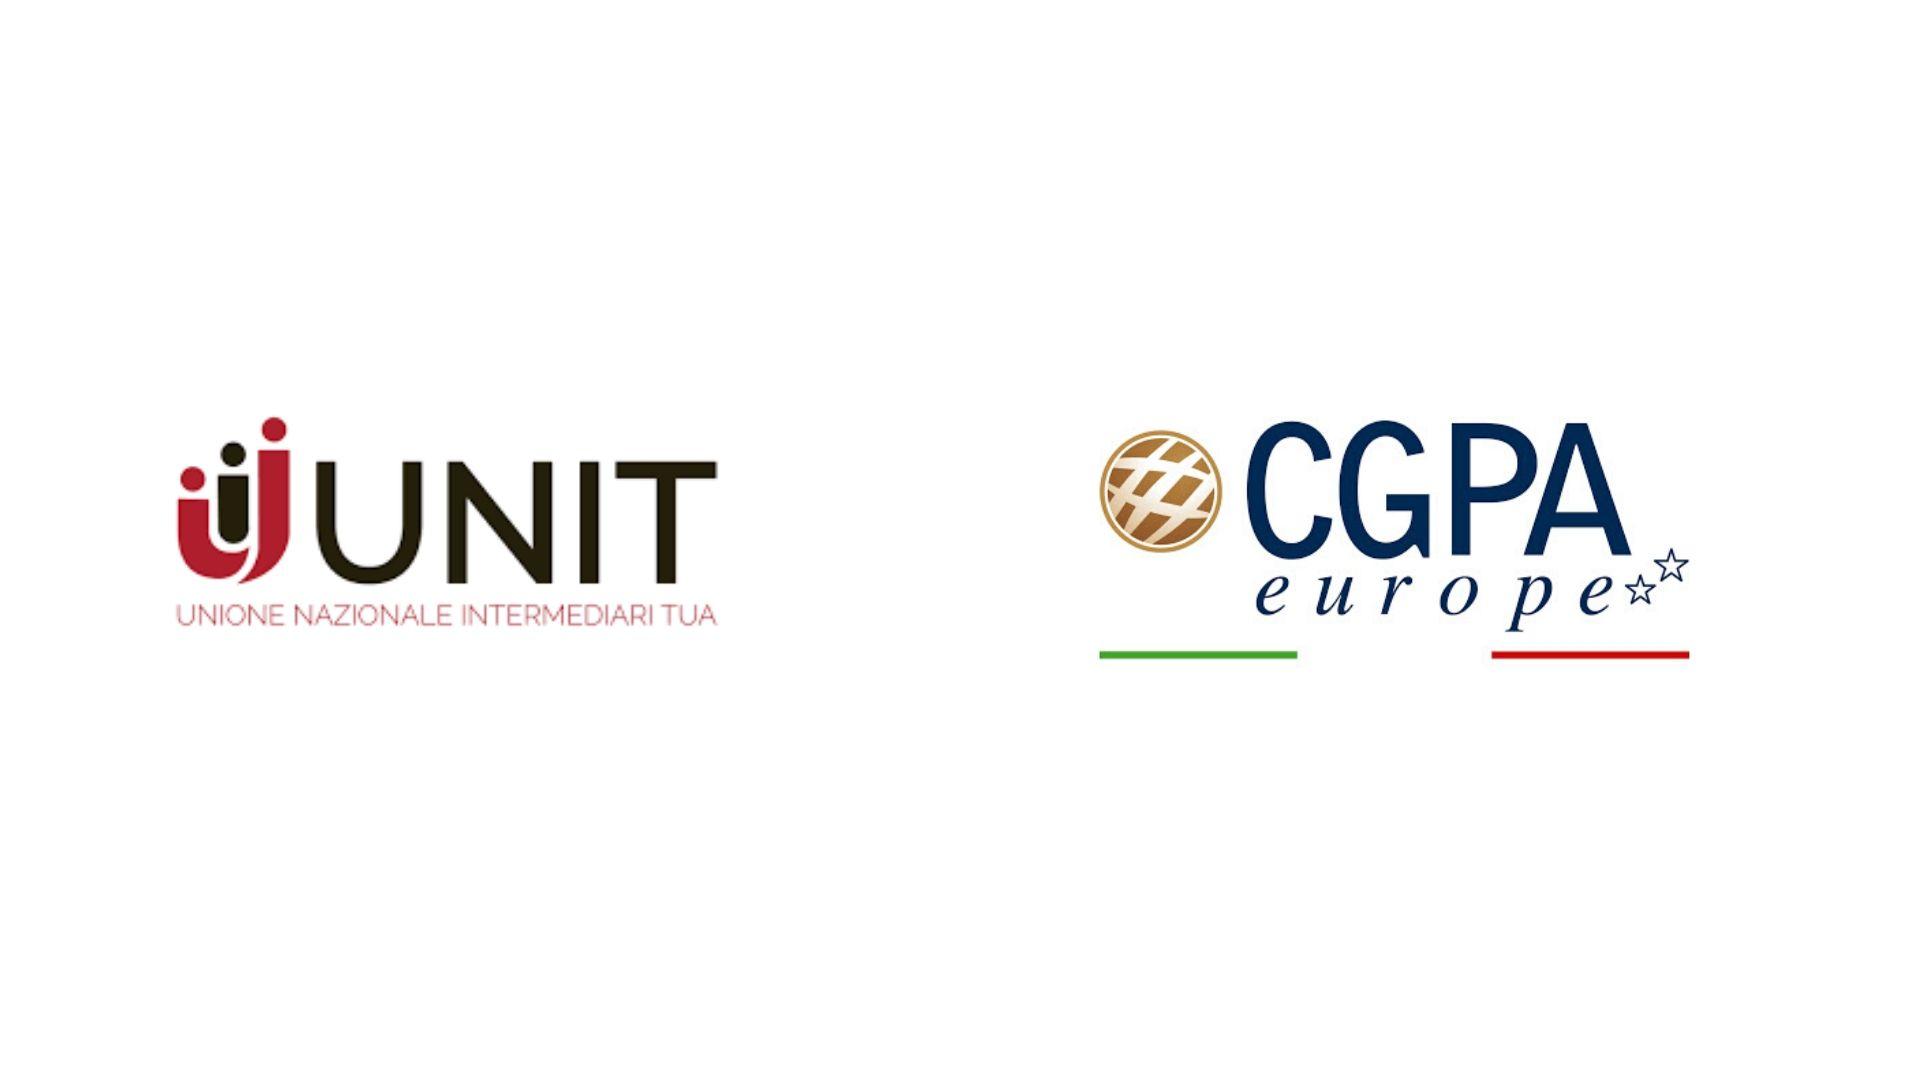 UNIT-CGPA